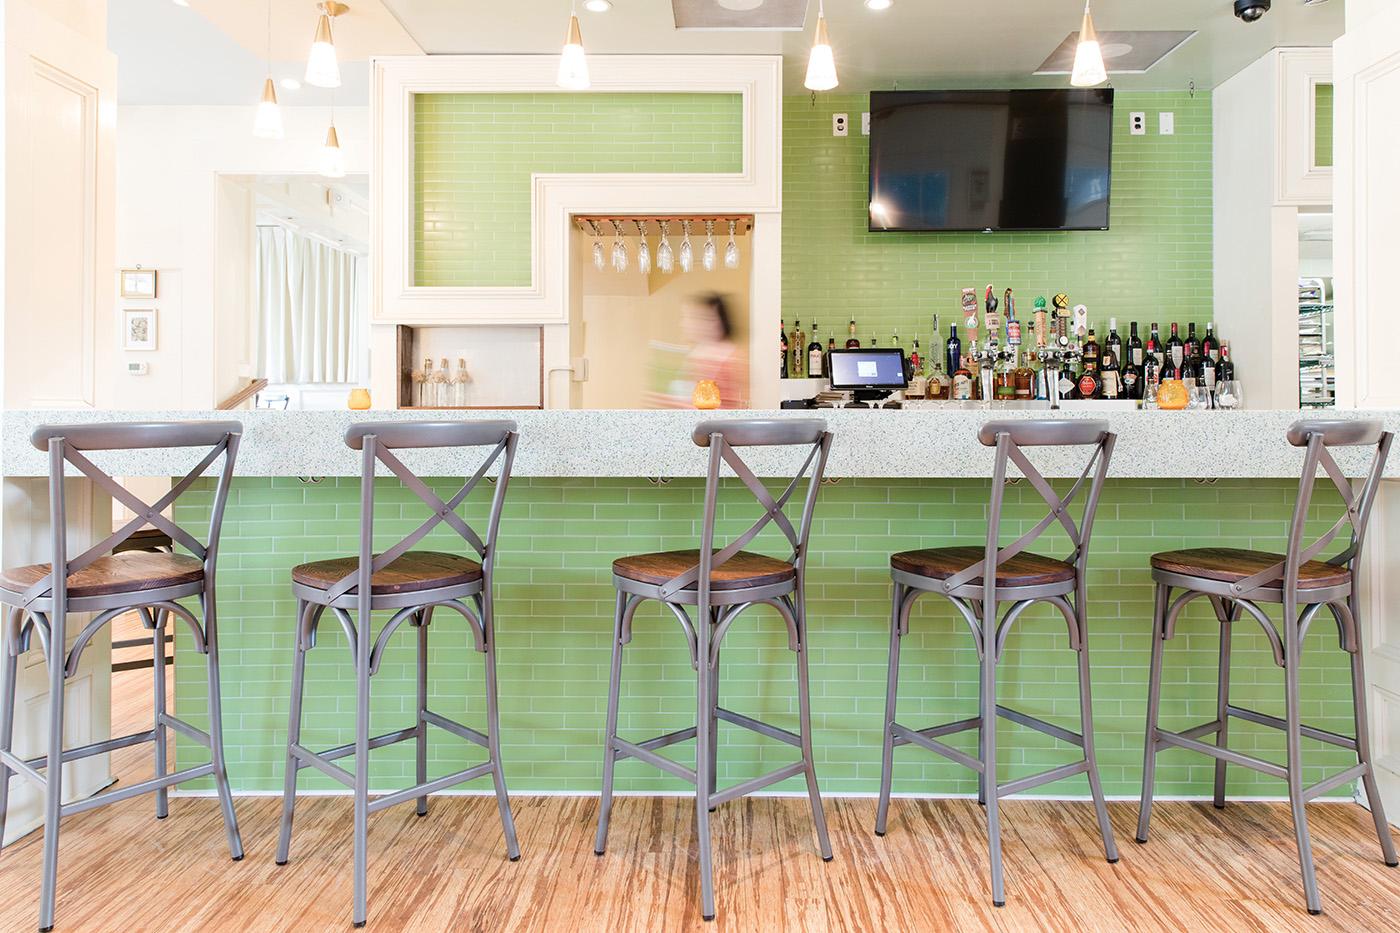 The bar at The Hummingbird Way